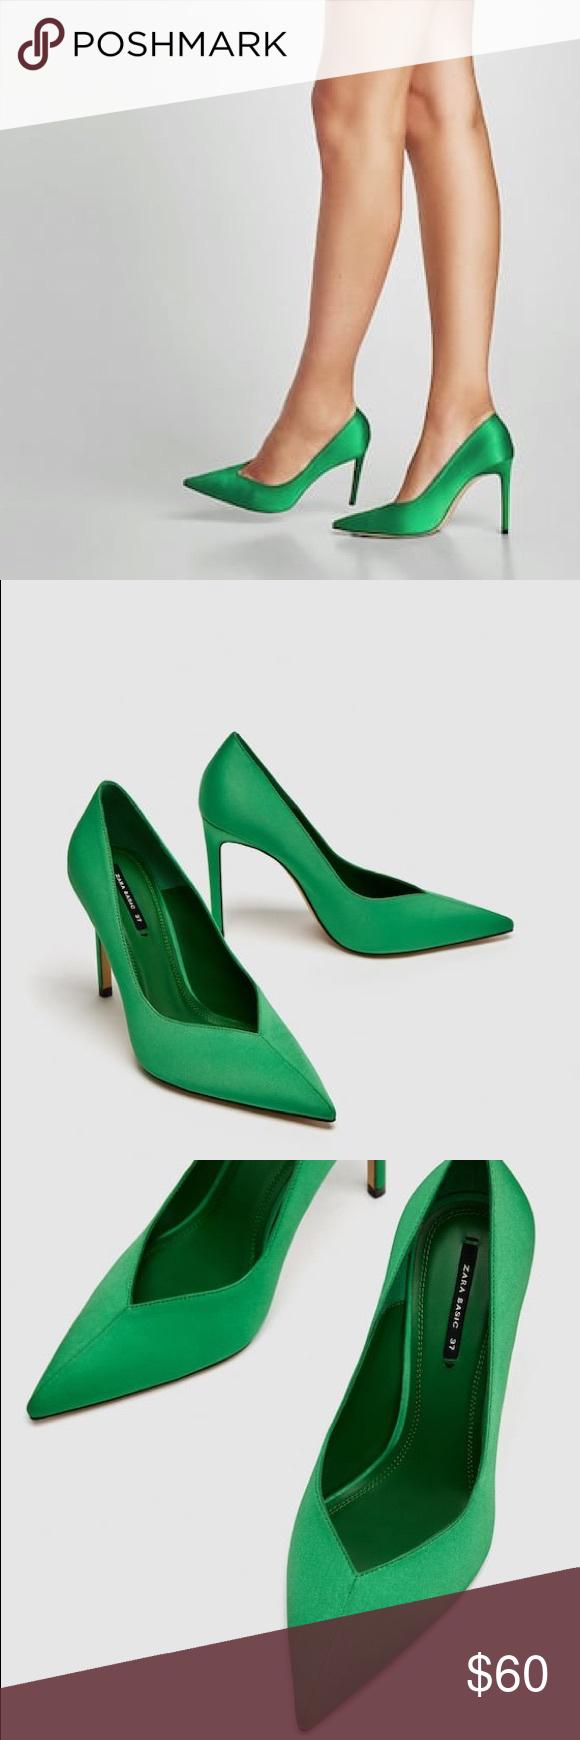 Nwt Zara Satin V Vamp High Heel Stiletto Heels Stiletto Heels Heels High Heels Stilettos